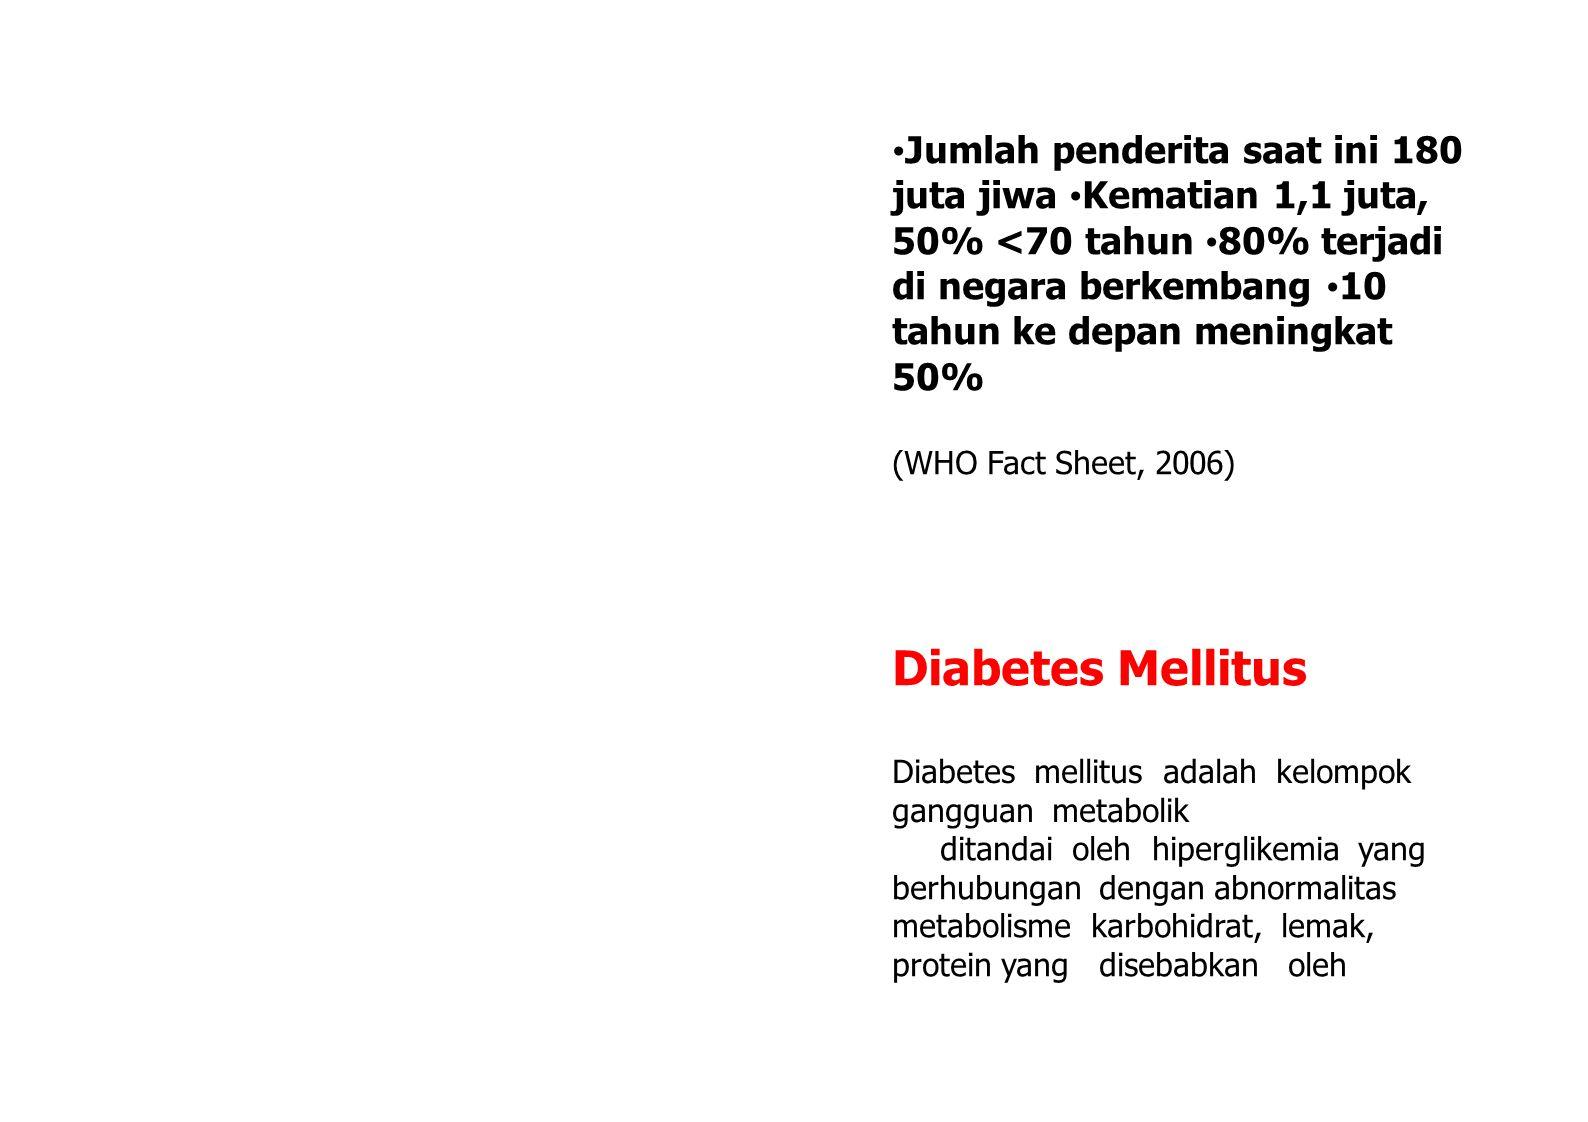 Jumlah penderita saat ini 180 juta jiwa Kematian 1,1 juta, 50% <70 tahun 80% terjadi di negara berkembang 10 tahun ke depan meningkat 50% (WHO Fact Sheet, 2006) Diabetes Mellitus Diabetes mellitus adalah kelompok gangguan metabolik ditandai oleh hiperglikemia yang berhubungan dengan abnormalitas metabolisme karbohidrat, lemak, protein yang disebabkan oleh